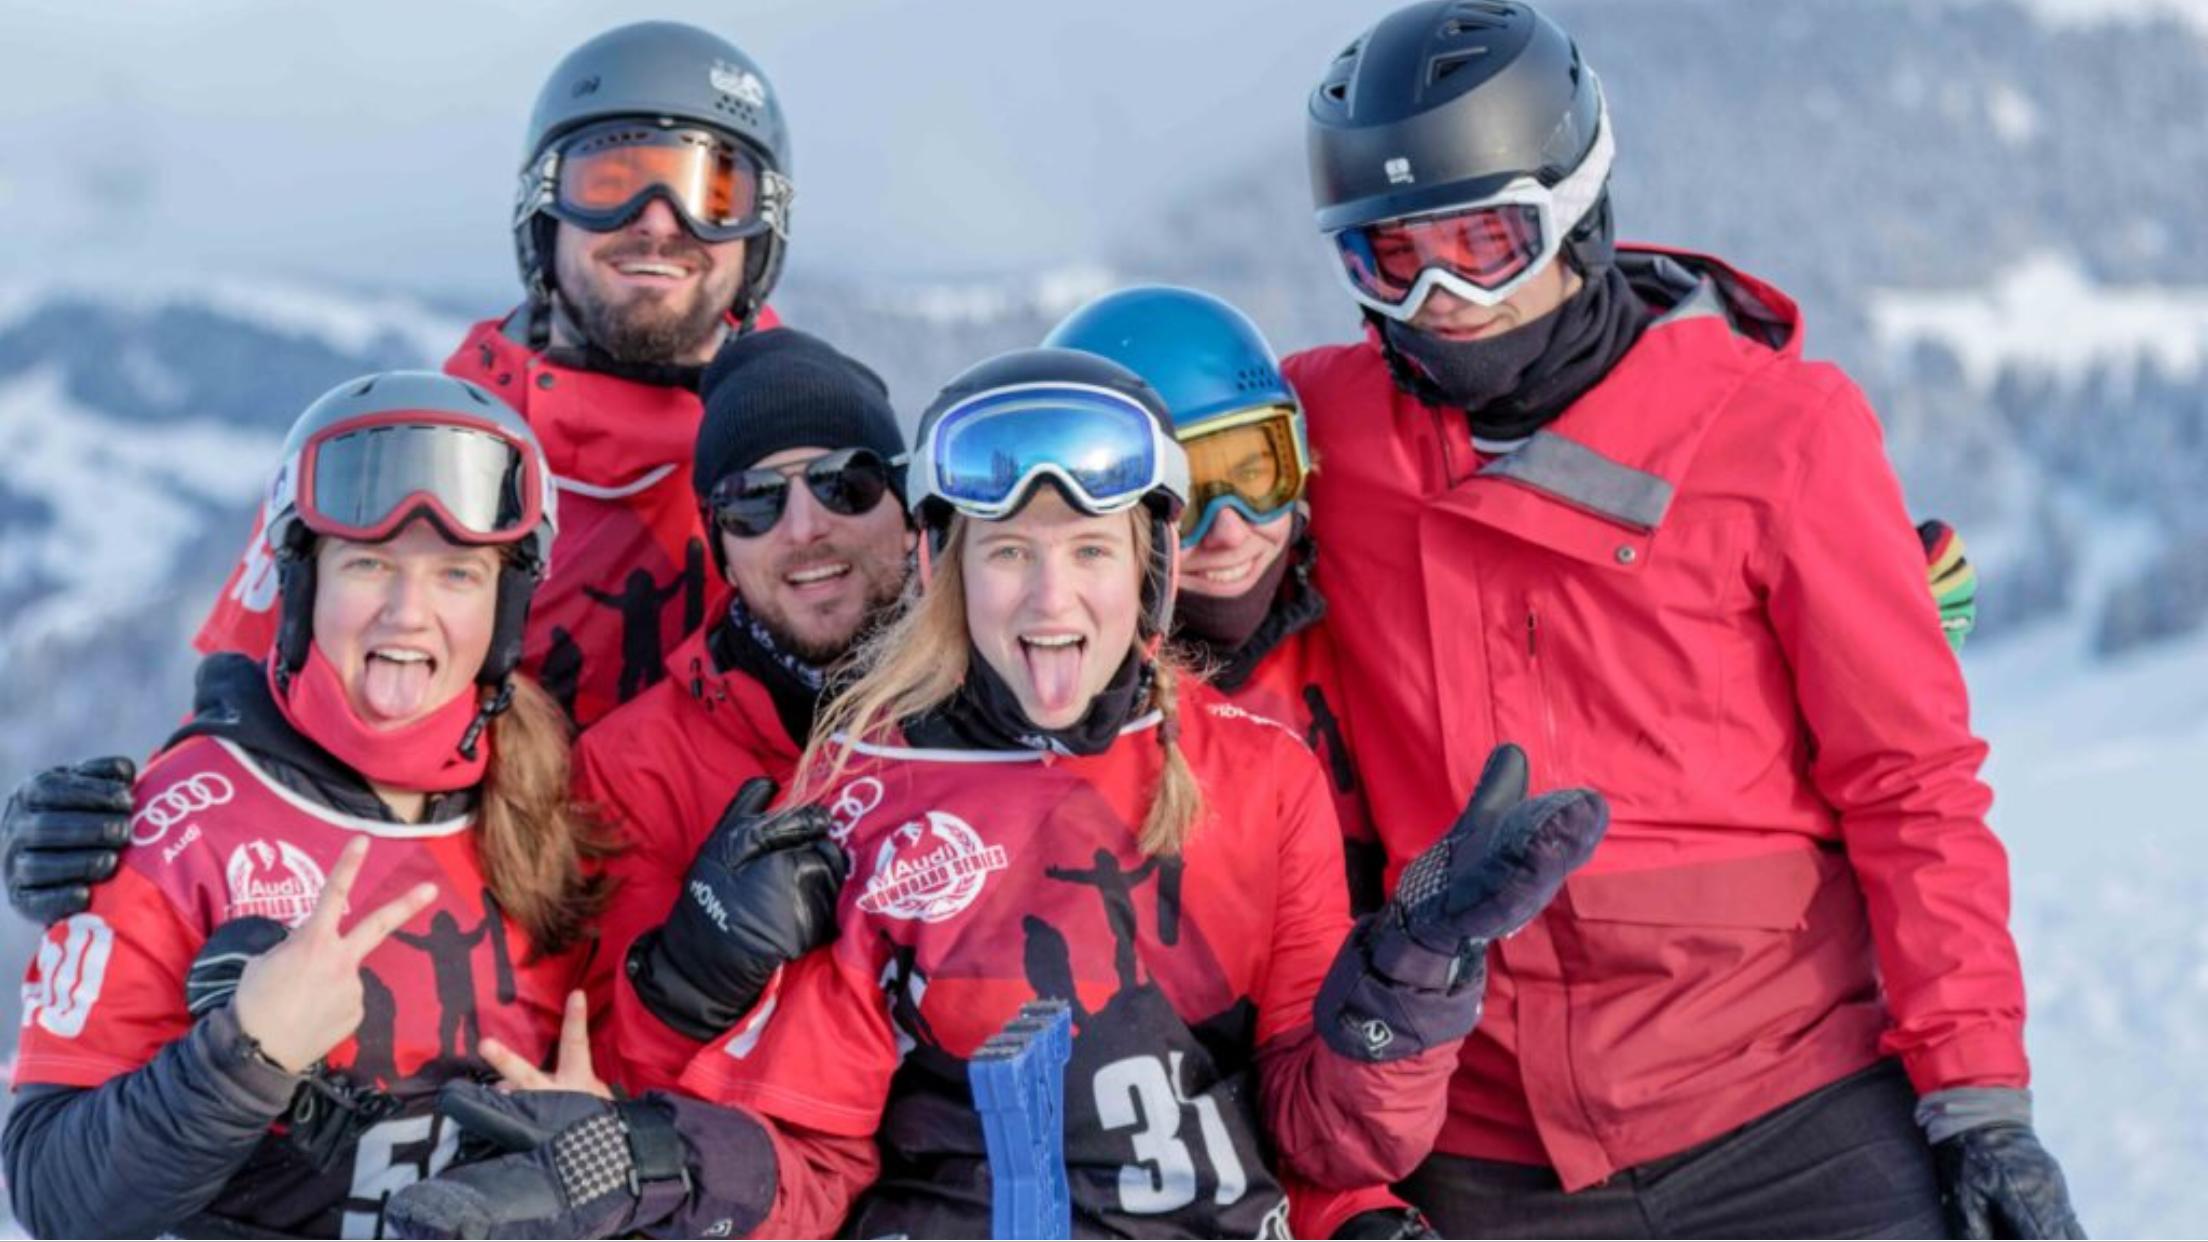 FIS Rennen Villars 2019